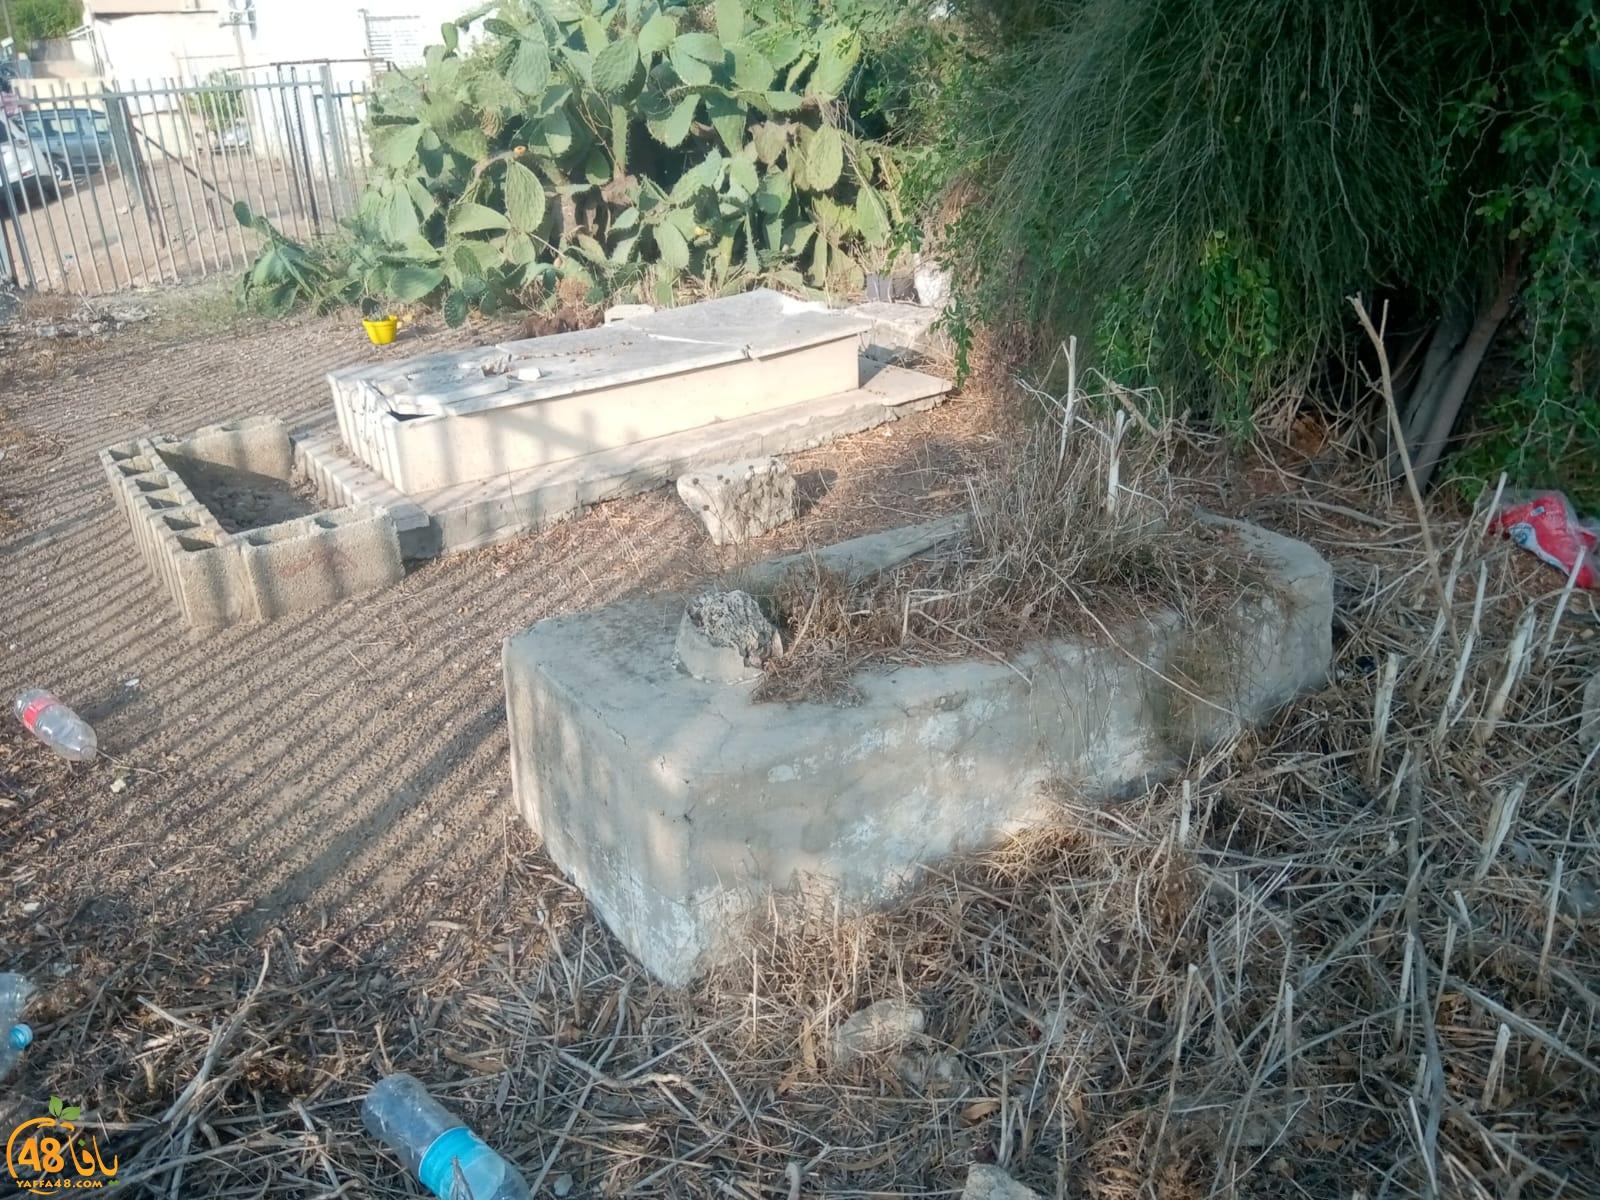 فيديو: مبادرة شبابية لتنظيف مقبرة الشيخ مراد بيافا الاثنين المقبل